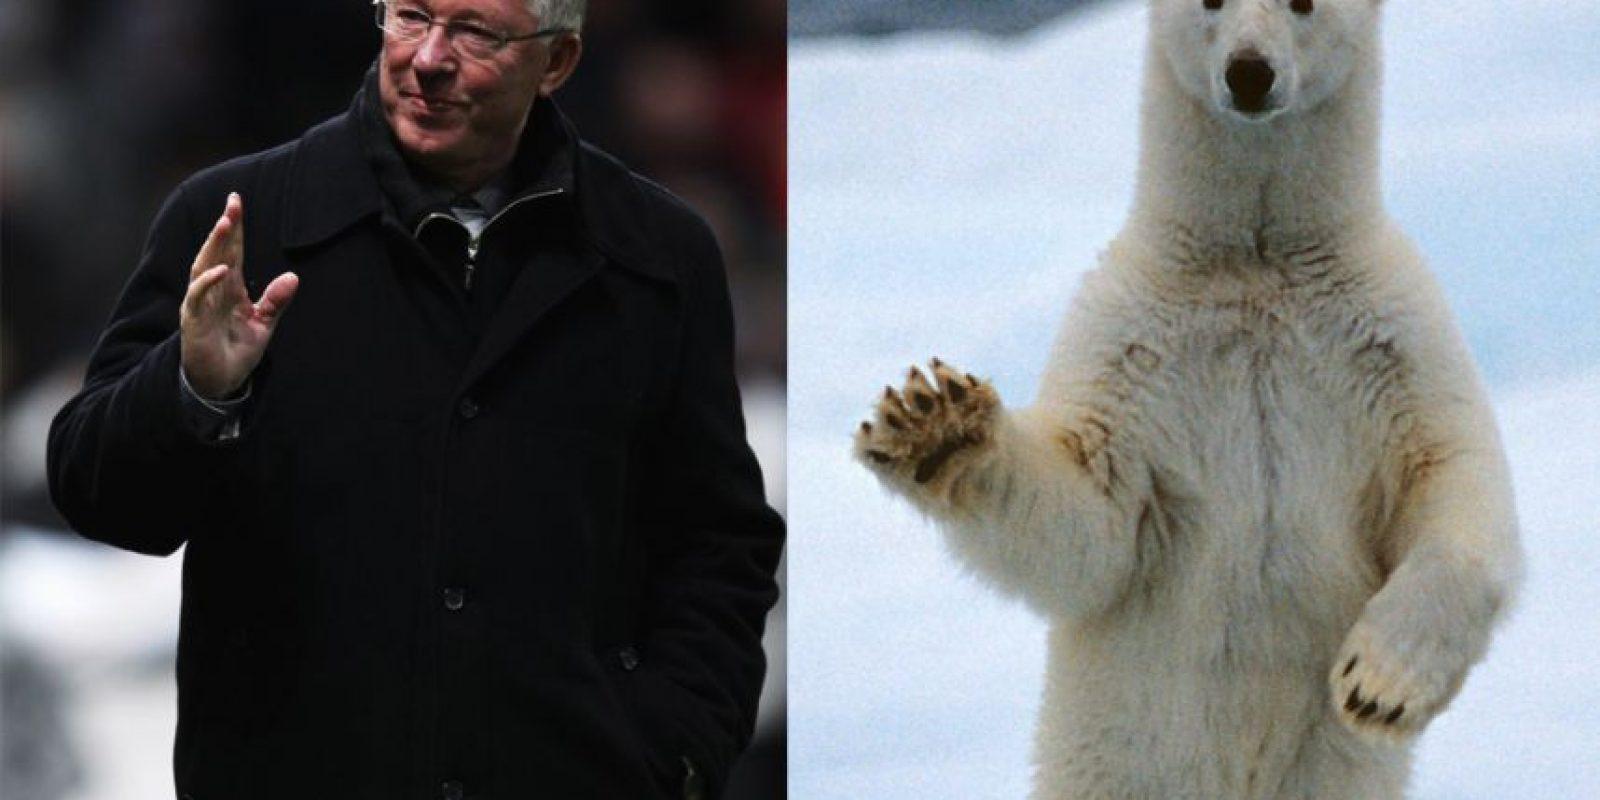 El oso polar tiene el mismo estilo que Alex Ferguson, mítico entrenador del Manchester United. Foto:Vía Twitter